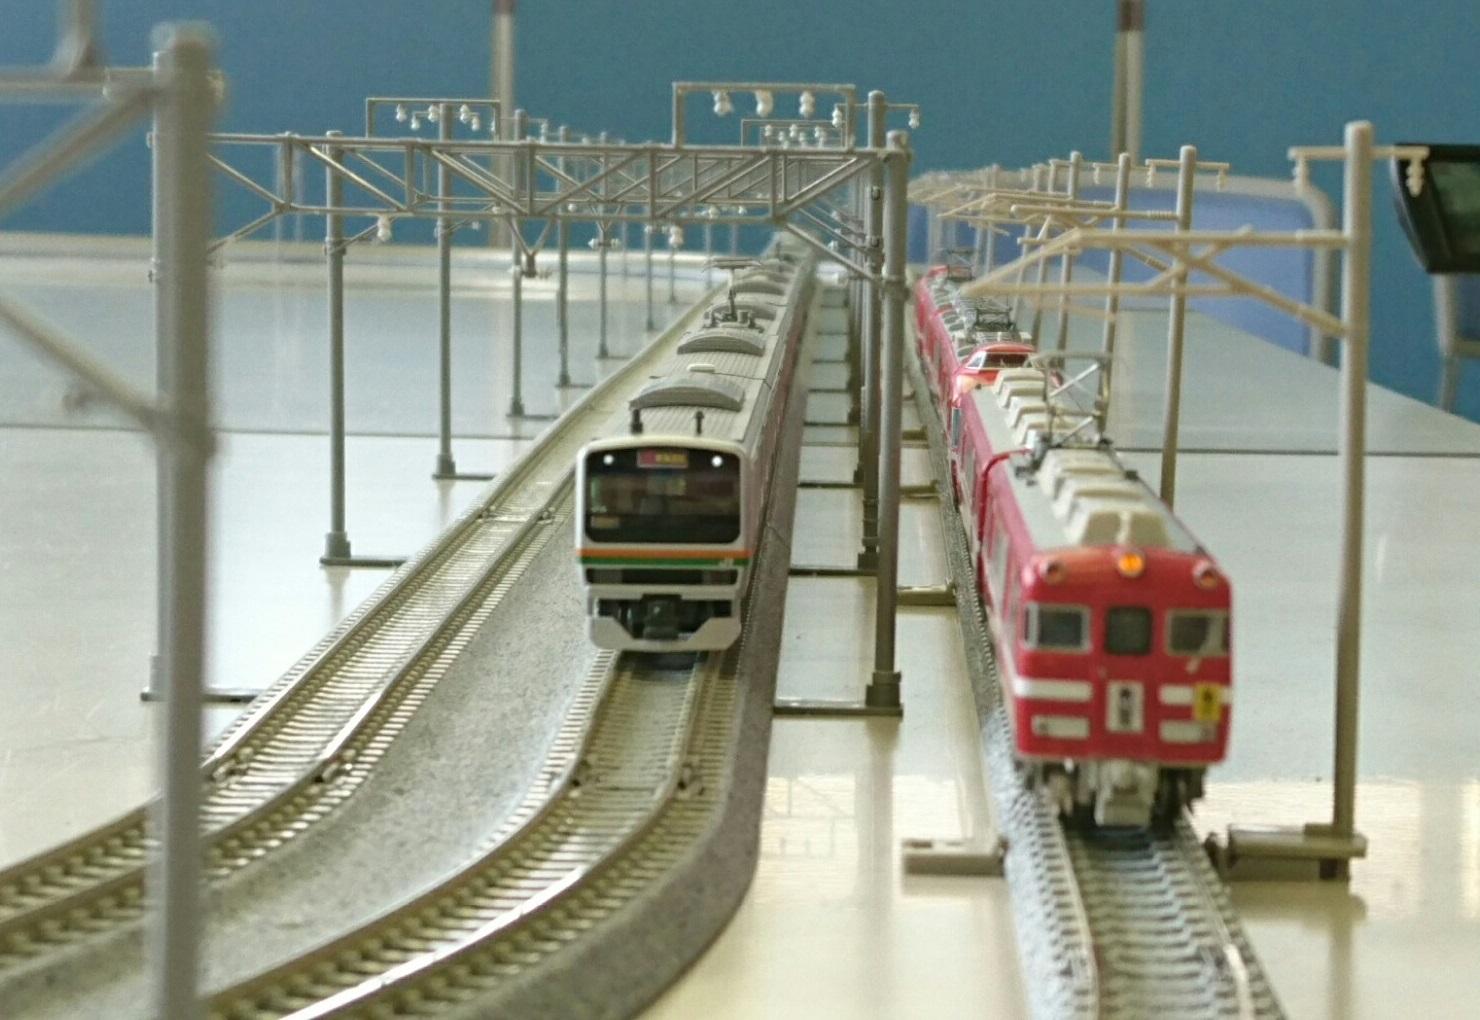 2017.6.17 スギスマイル鉄道模型展 (1) E231系と7700系 1480-1020